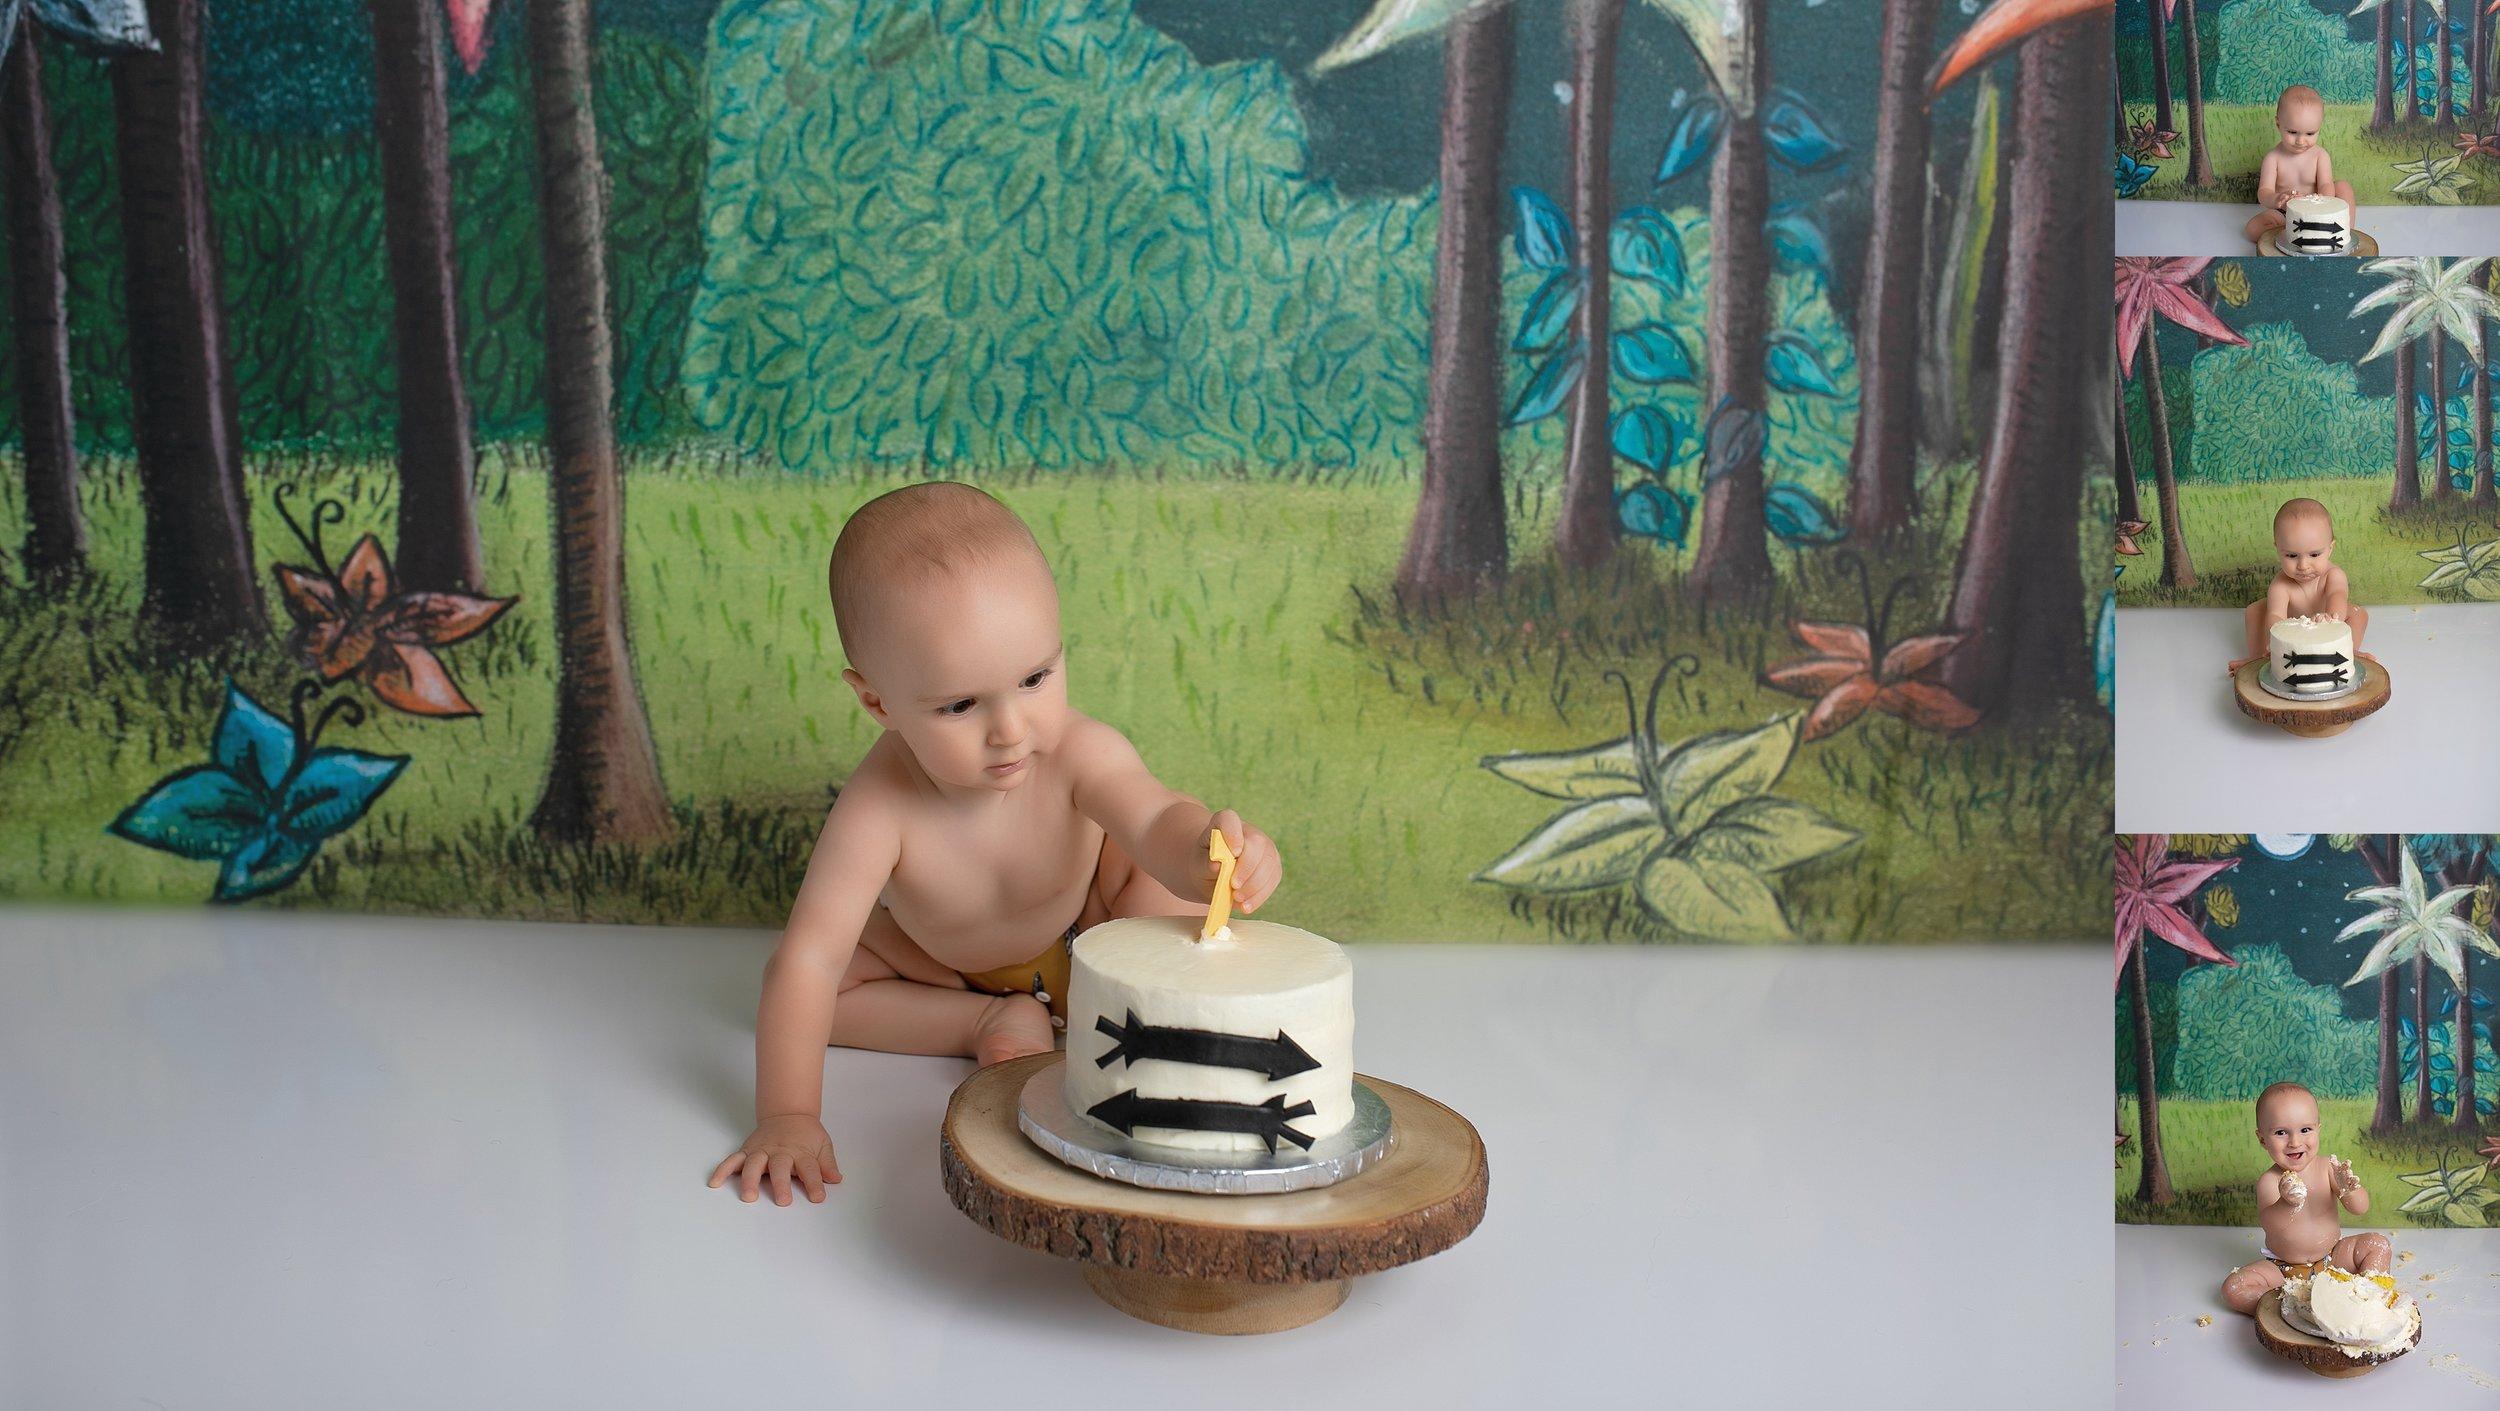 Smash that cake!